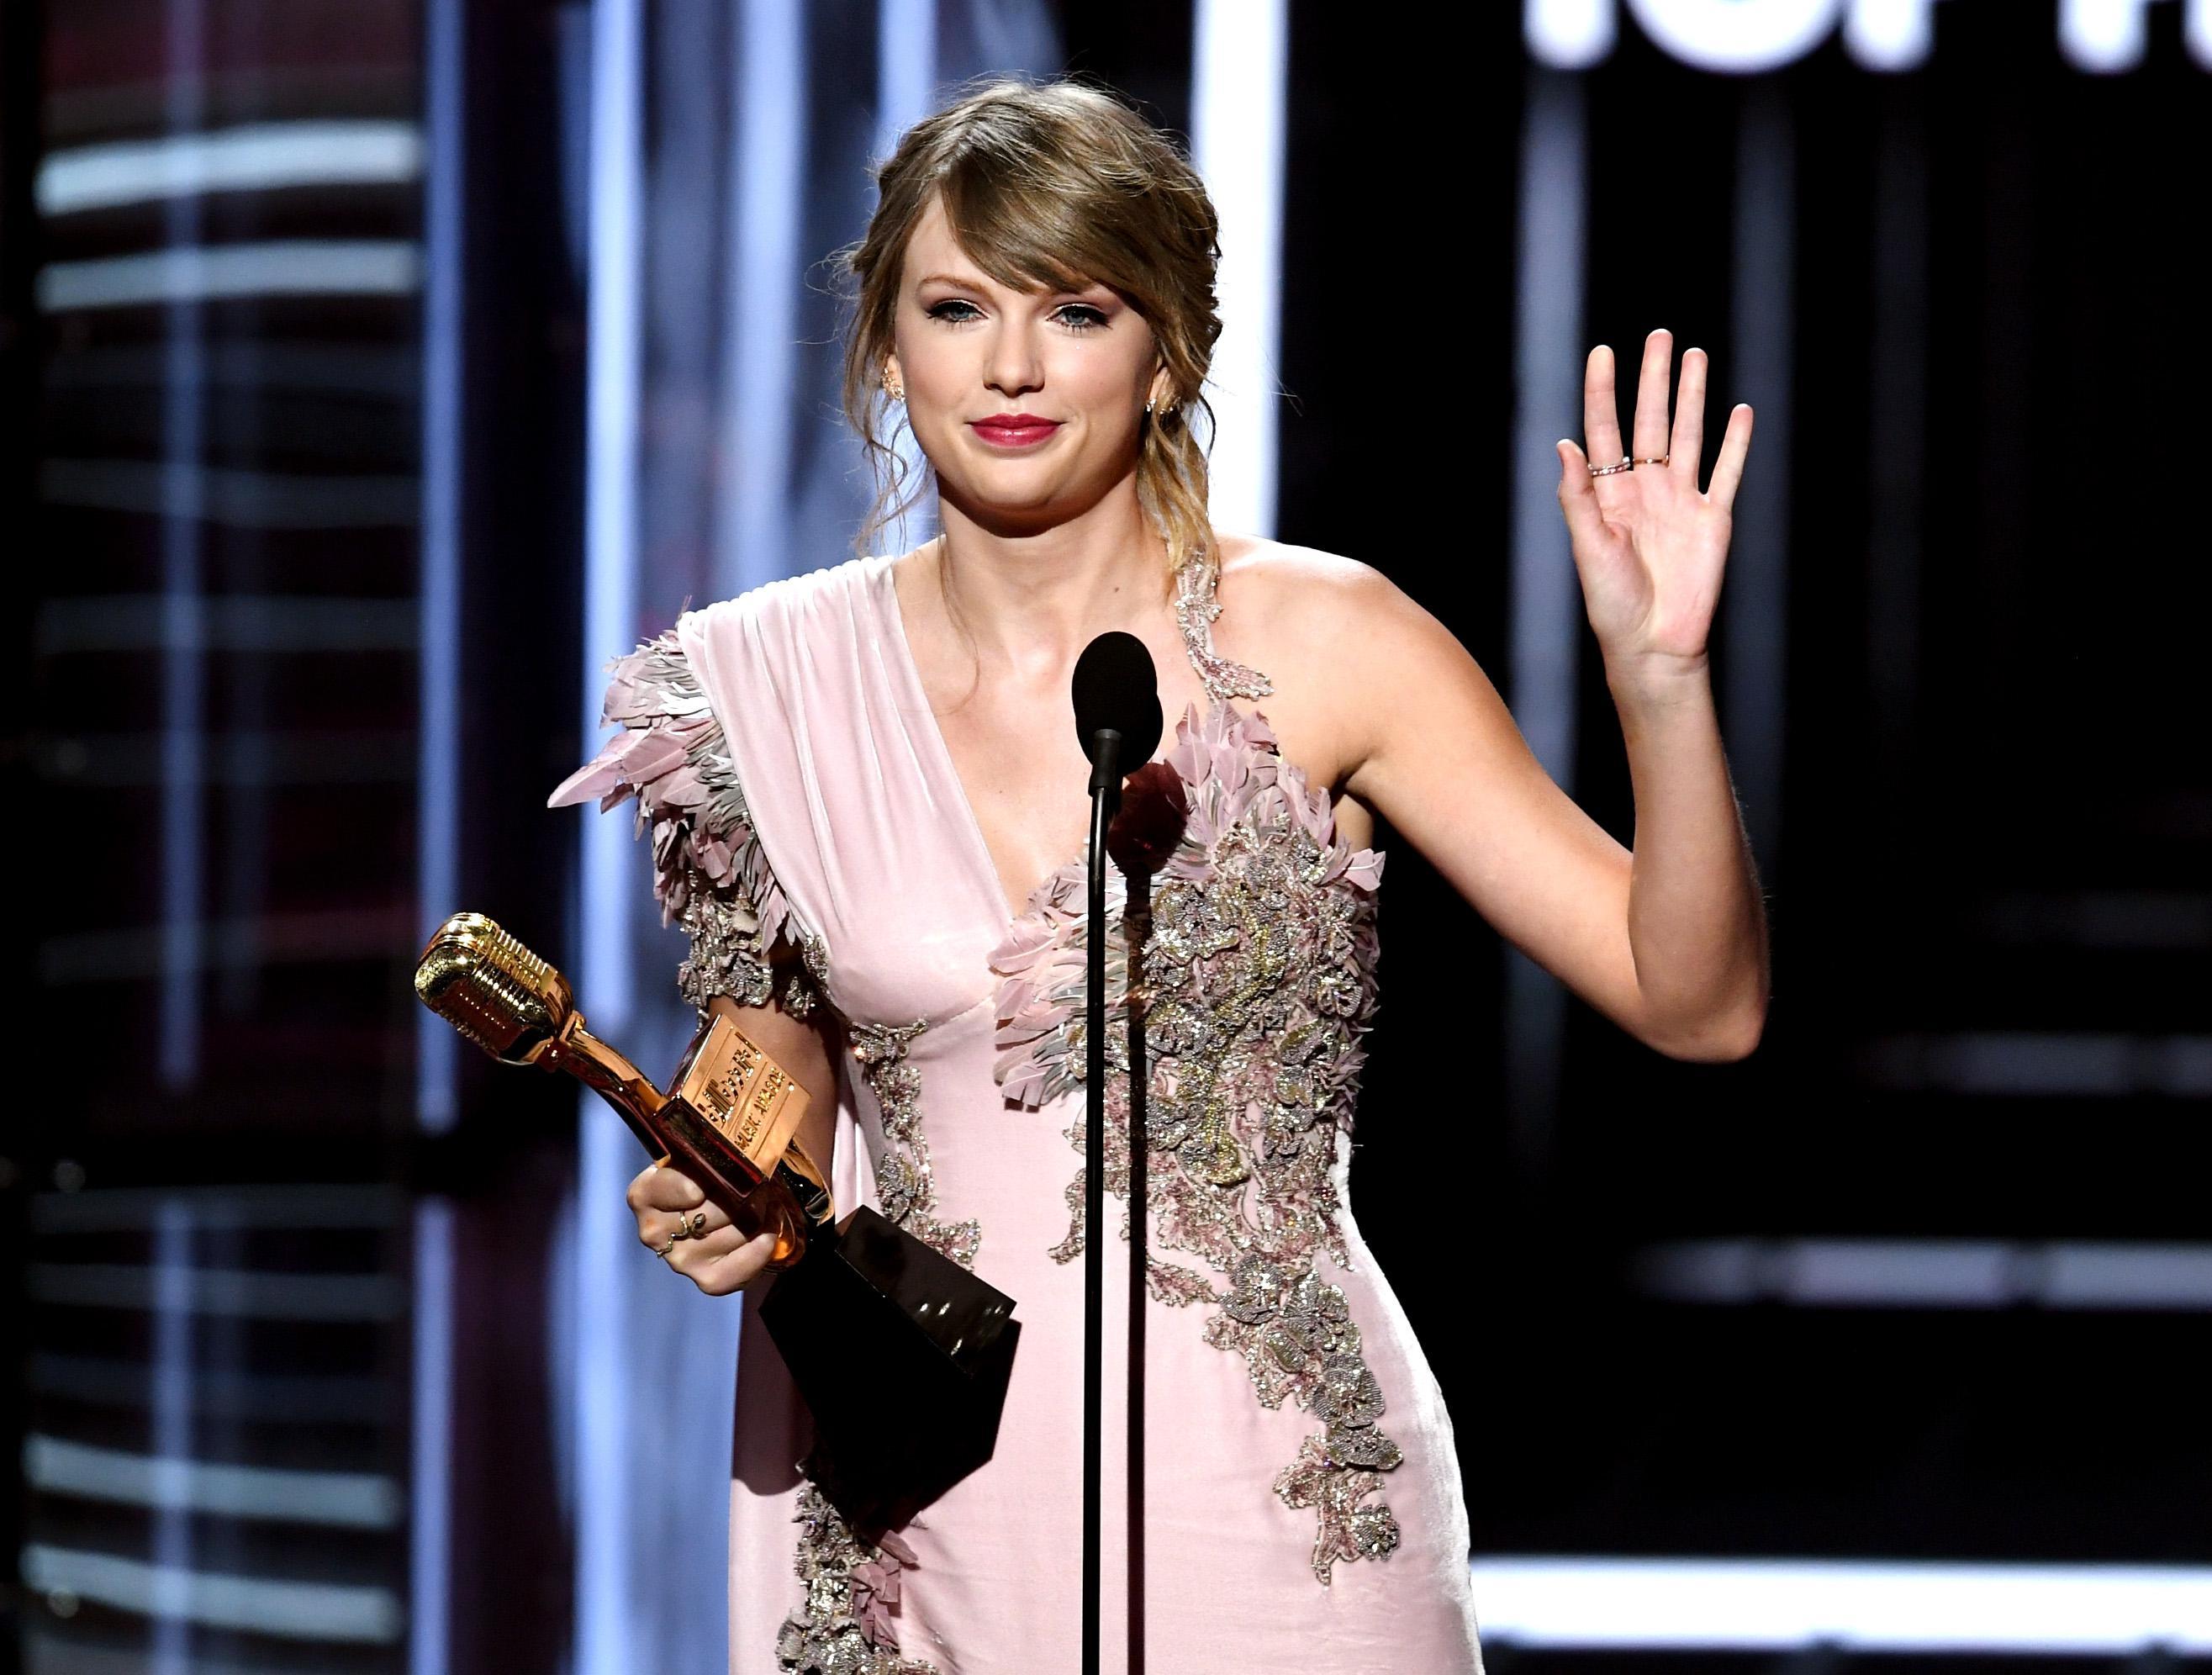 Taylor Swift waving goodbye at an awards show.